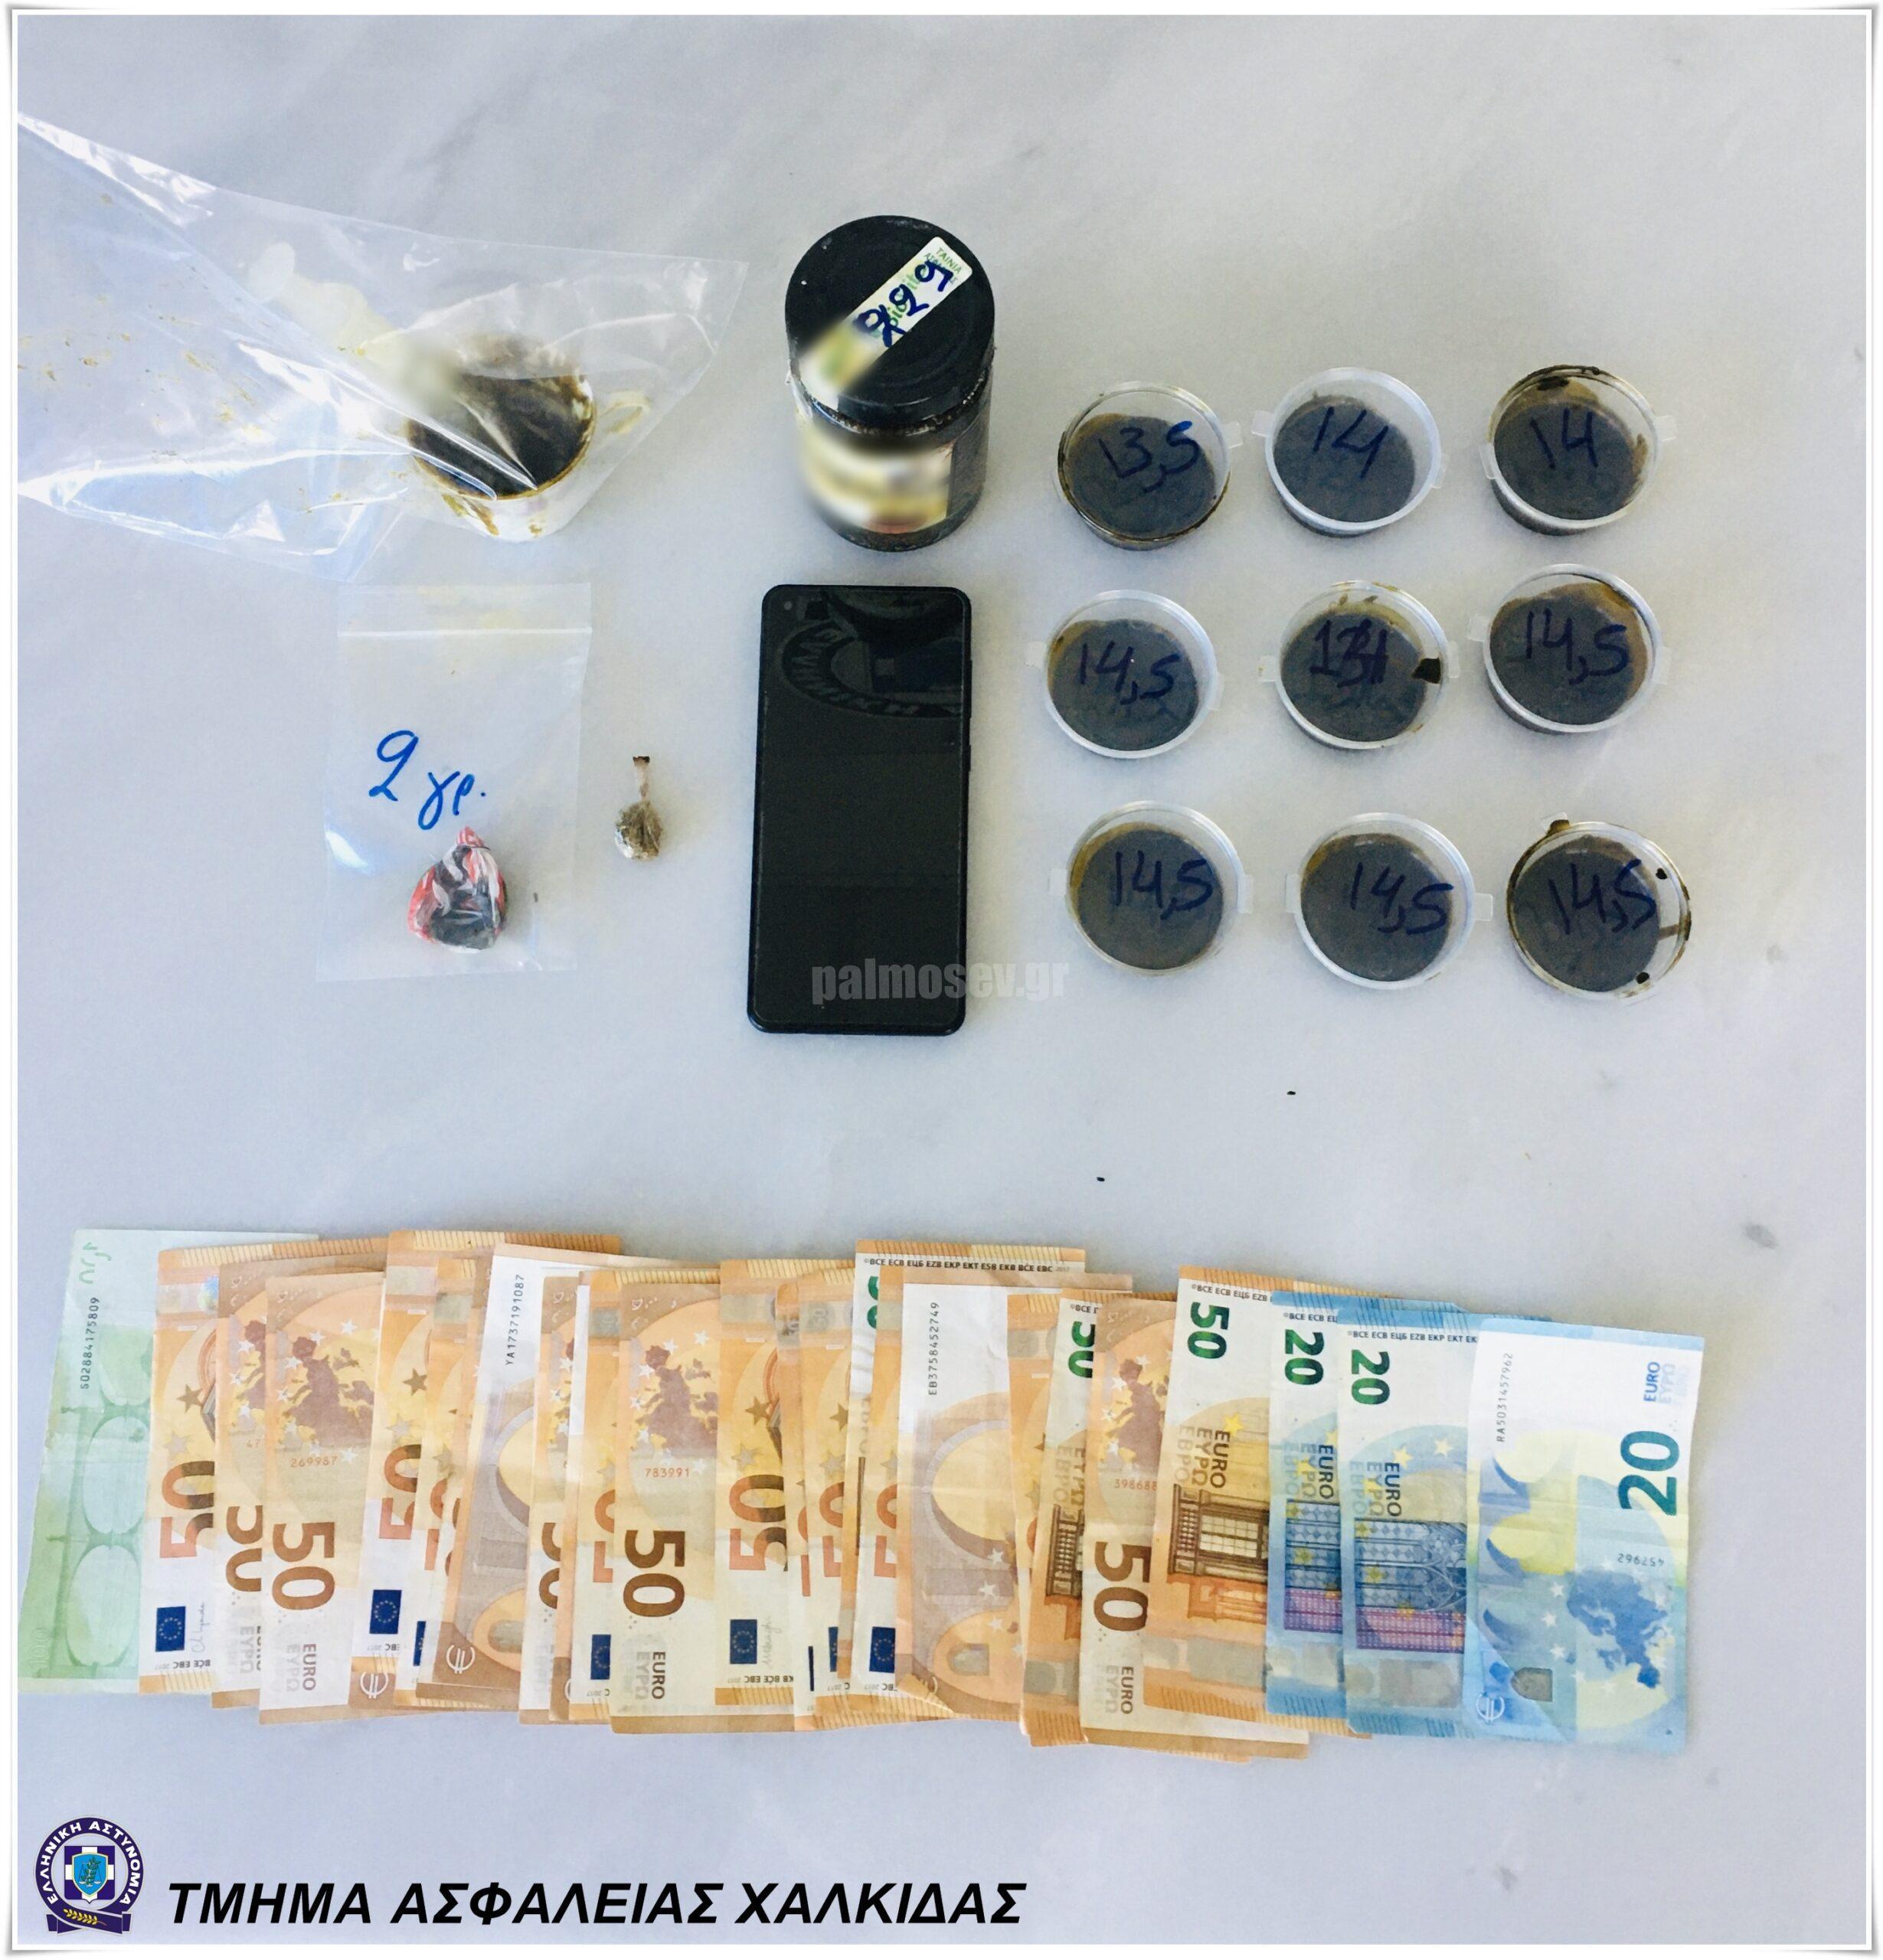 Συνελήφθη  στην Αμάρυνθο, για κατοχή και διακίνηση ναρκωτικών